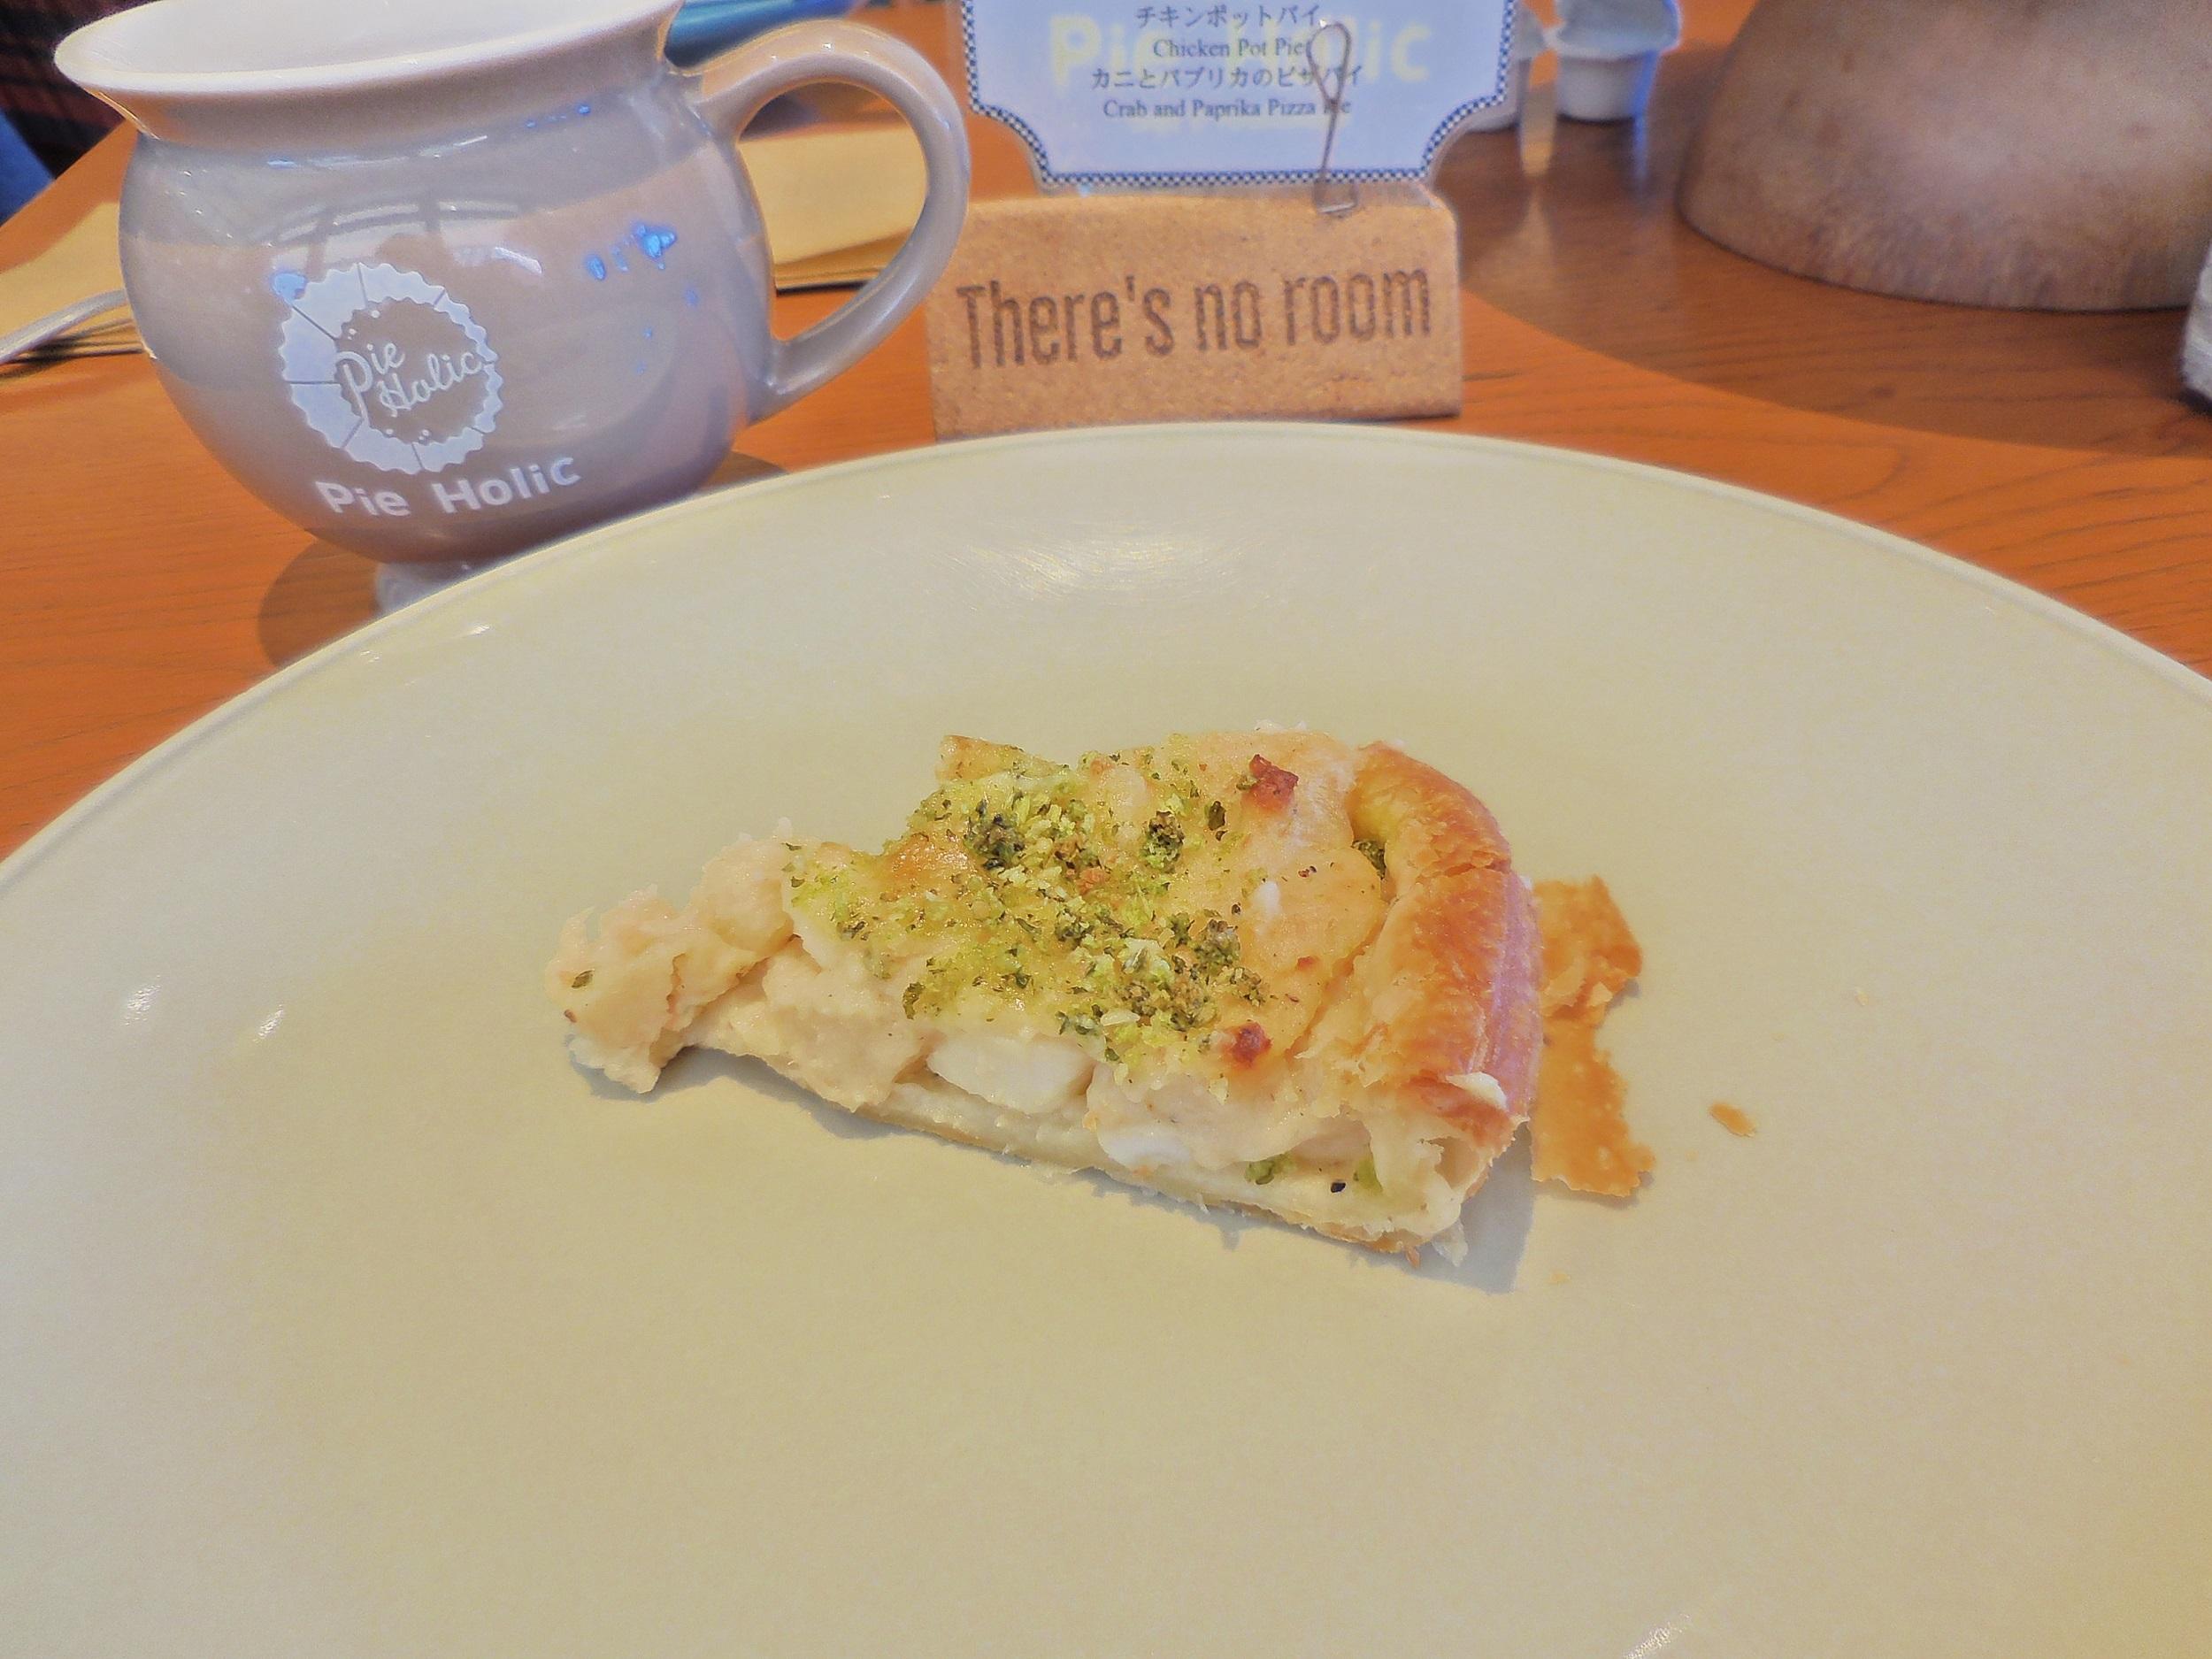 【パイ食べ放題】Pie・Holic_9